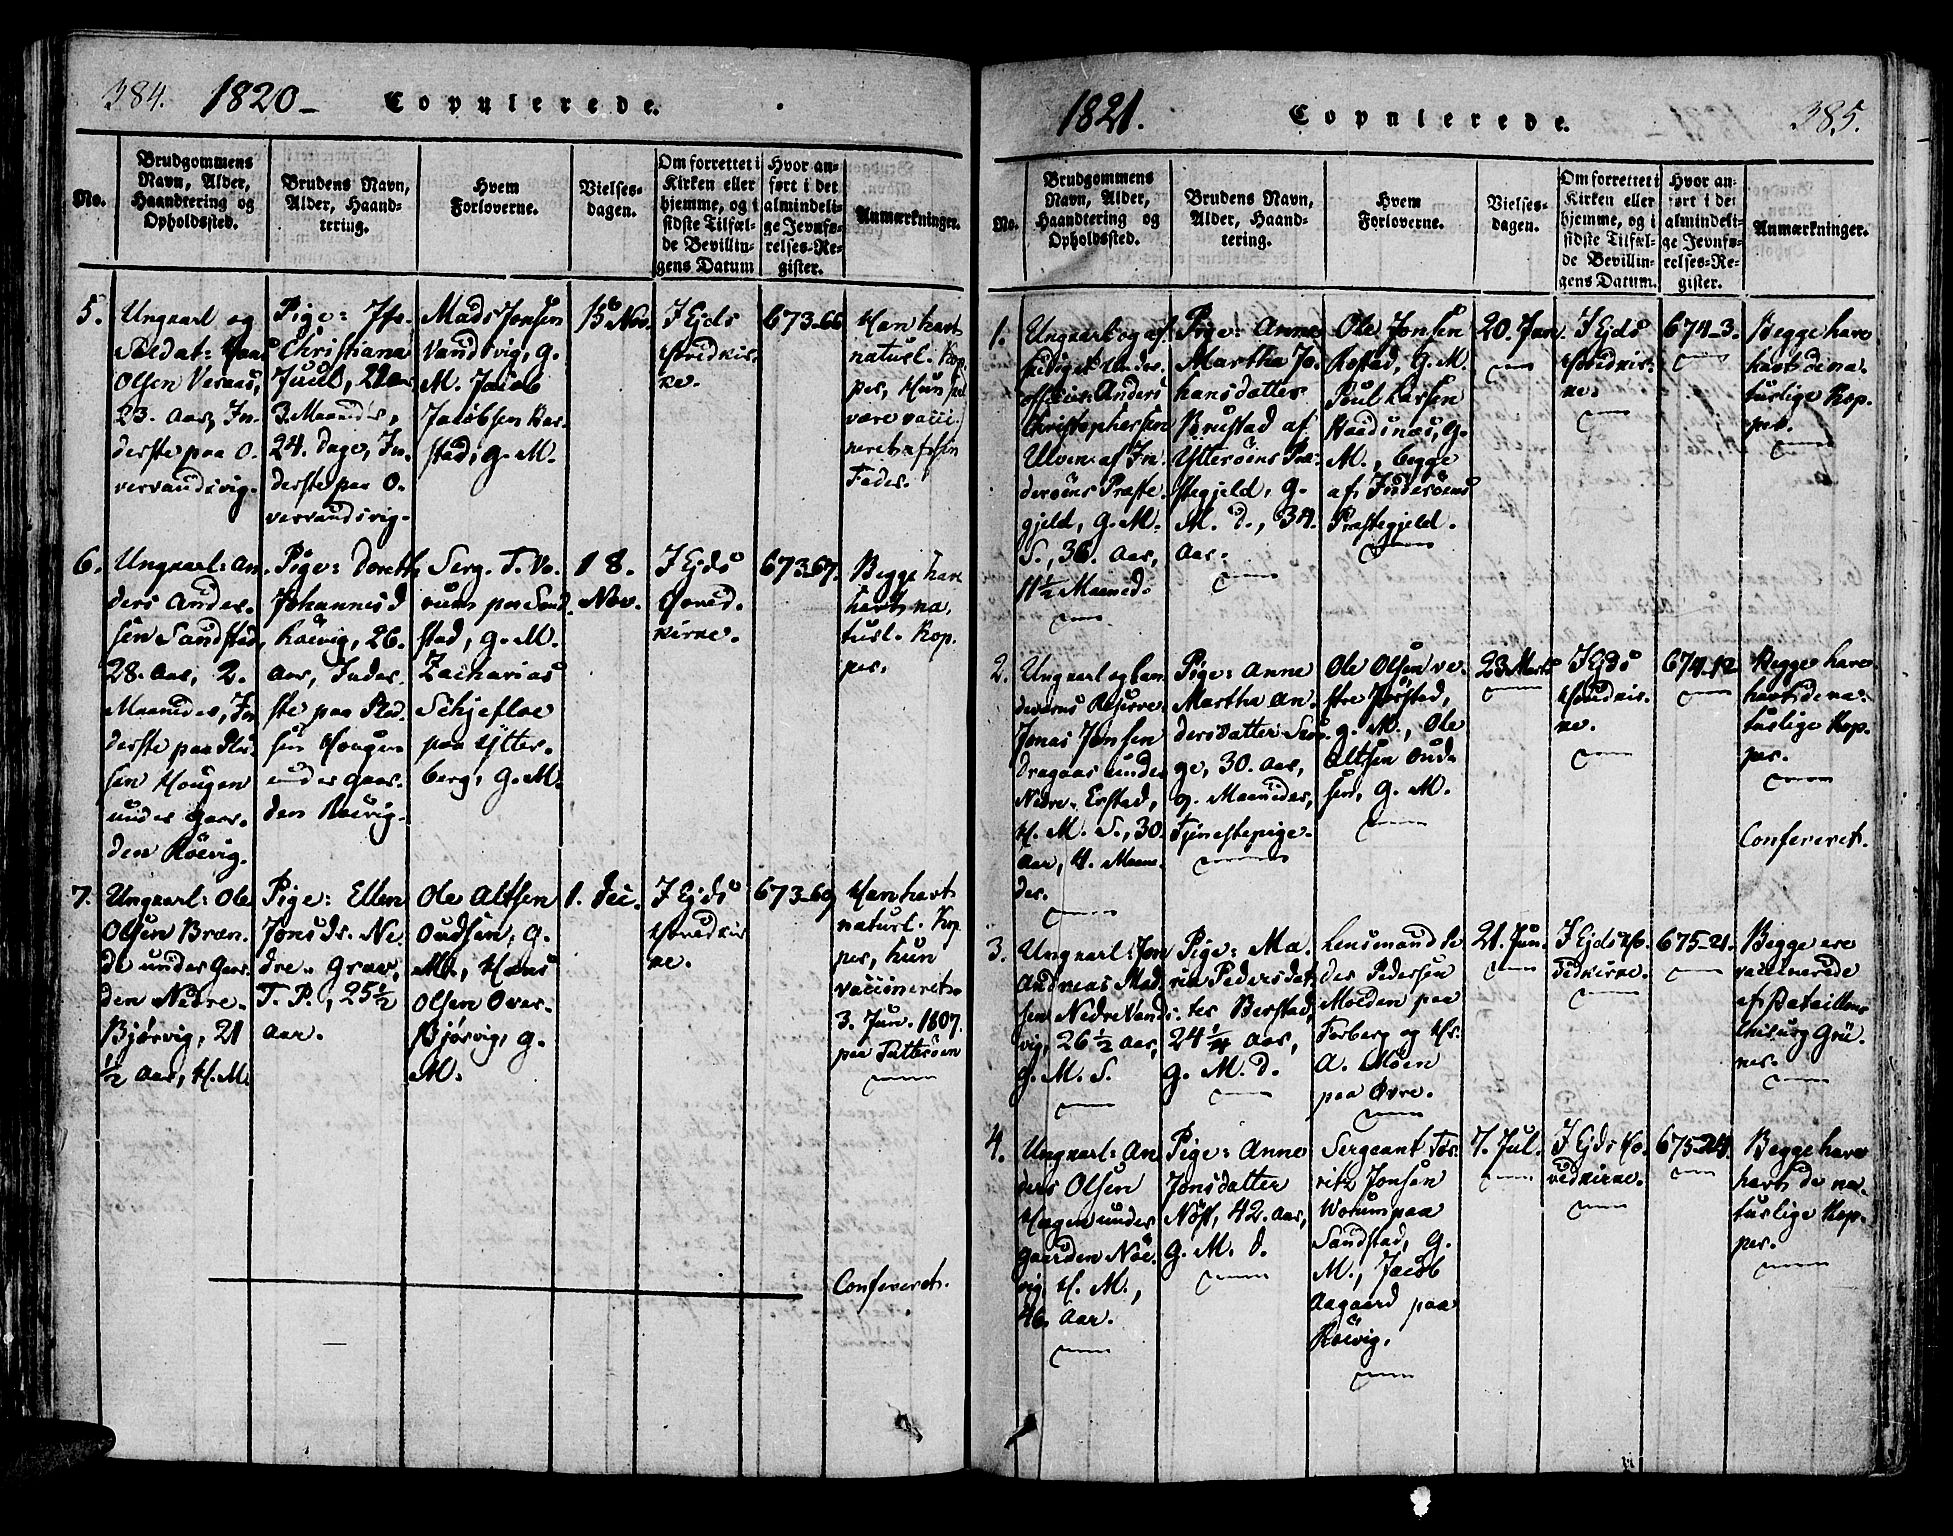 SAT, Ministerialprotokoller, klokkerbøker og fødselsregistre - Nord-Trøndelag, 722/L0217: Ministerialbok nr. 722A04, 1817-1842, s. 384-385